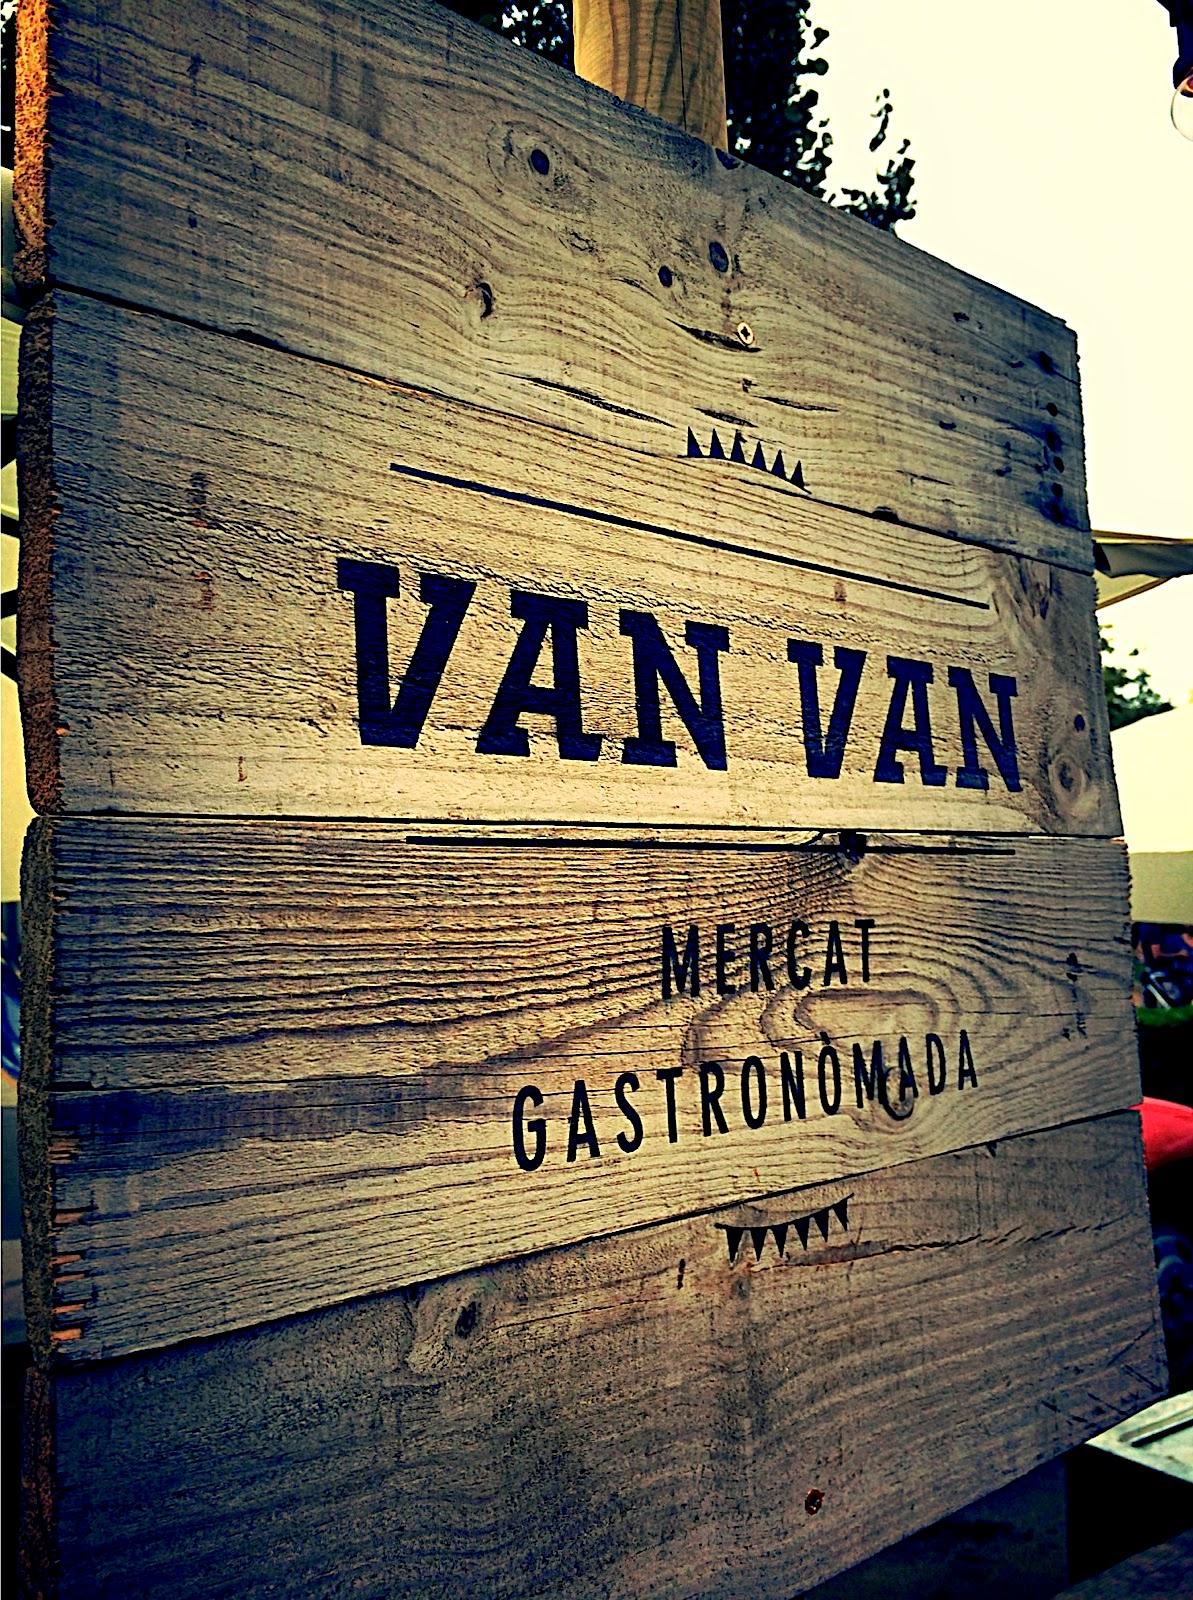 Van Van. Mercat Gastronòmada